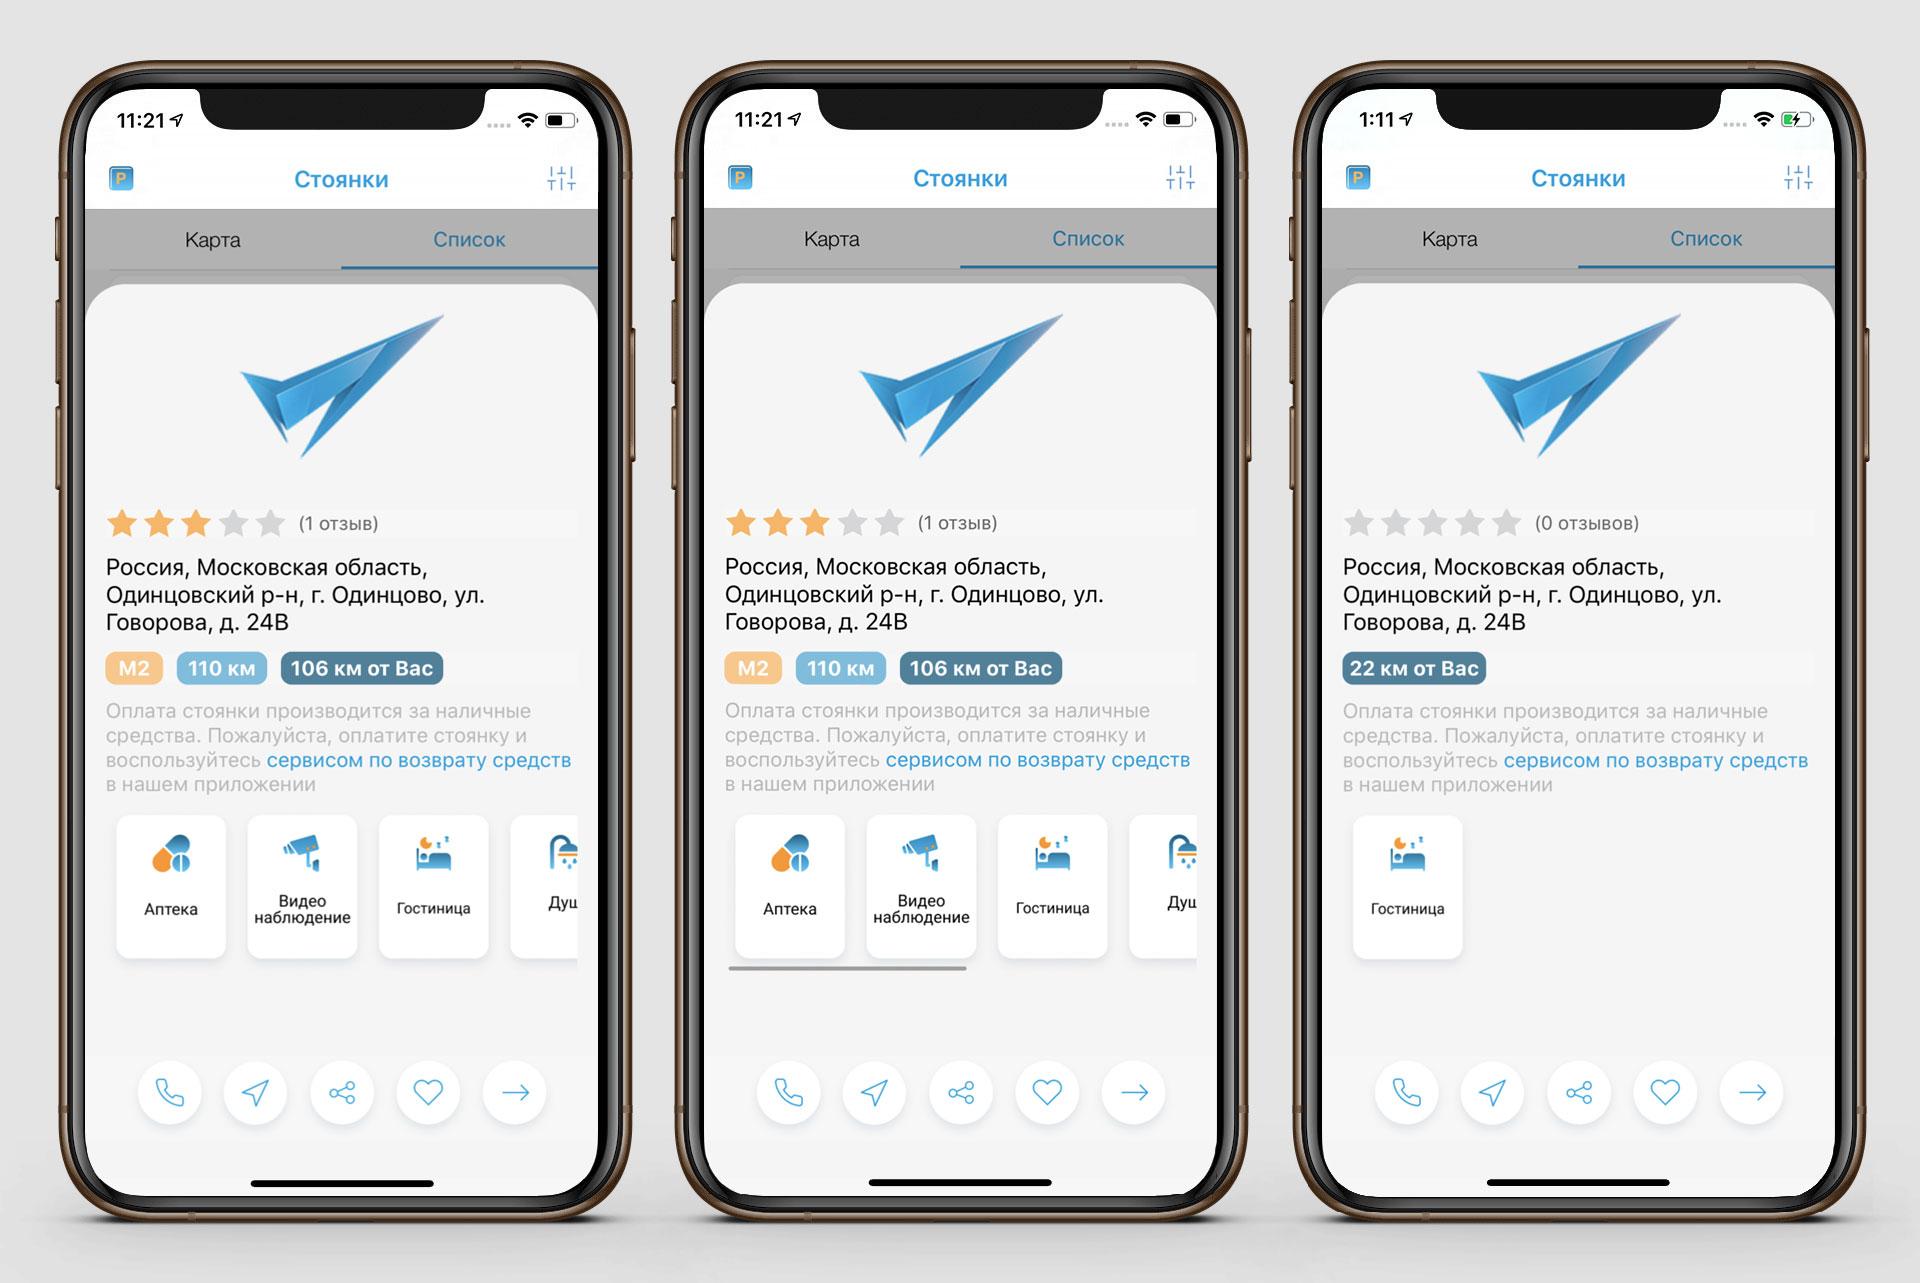 Новый стиль модального окна с информацией для iOS